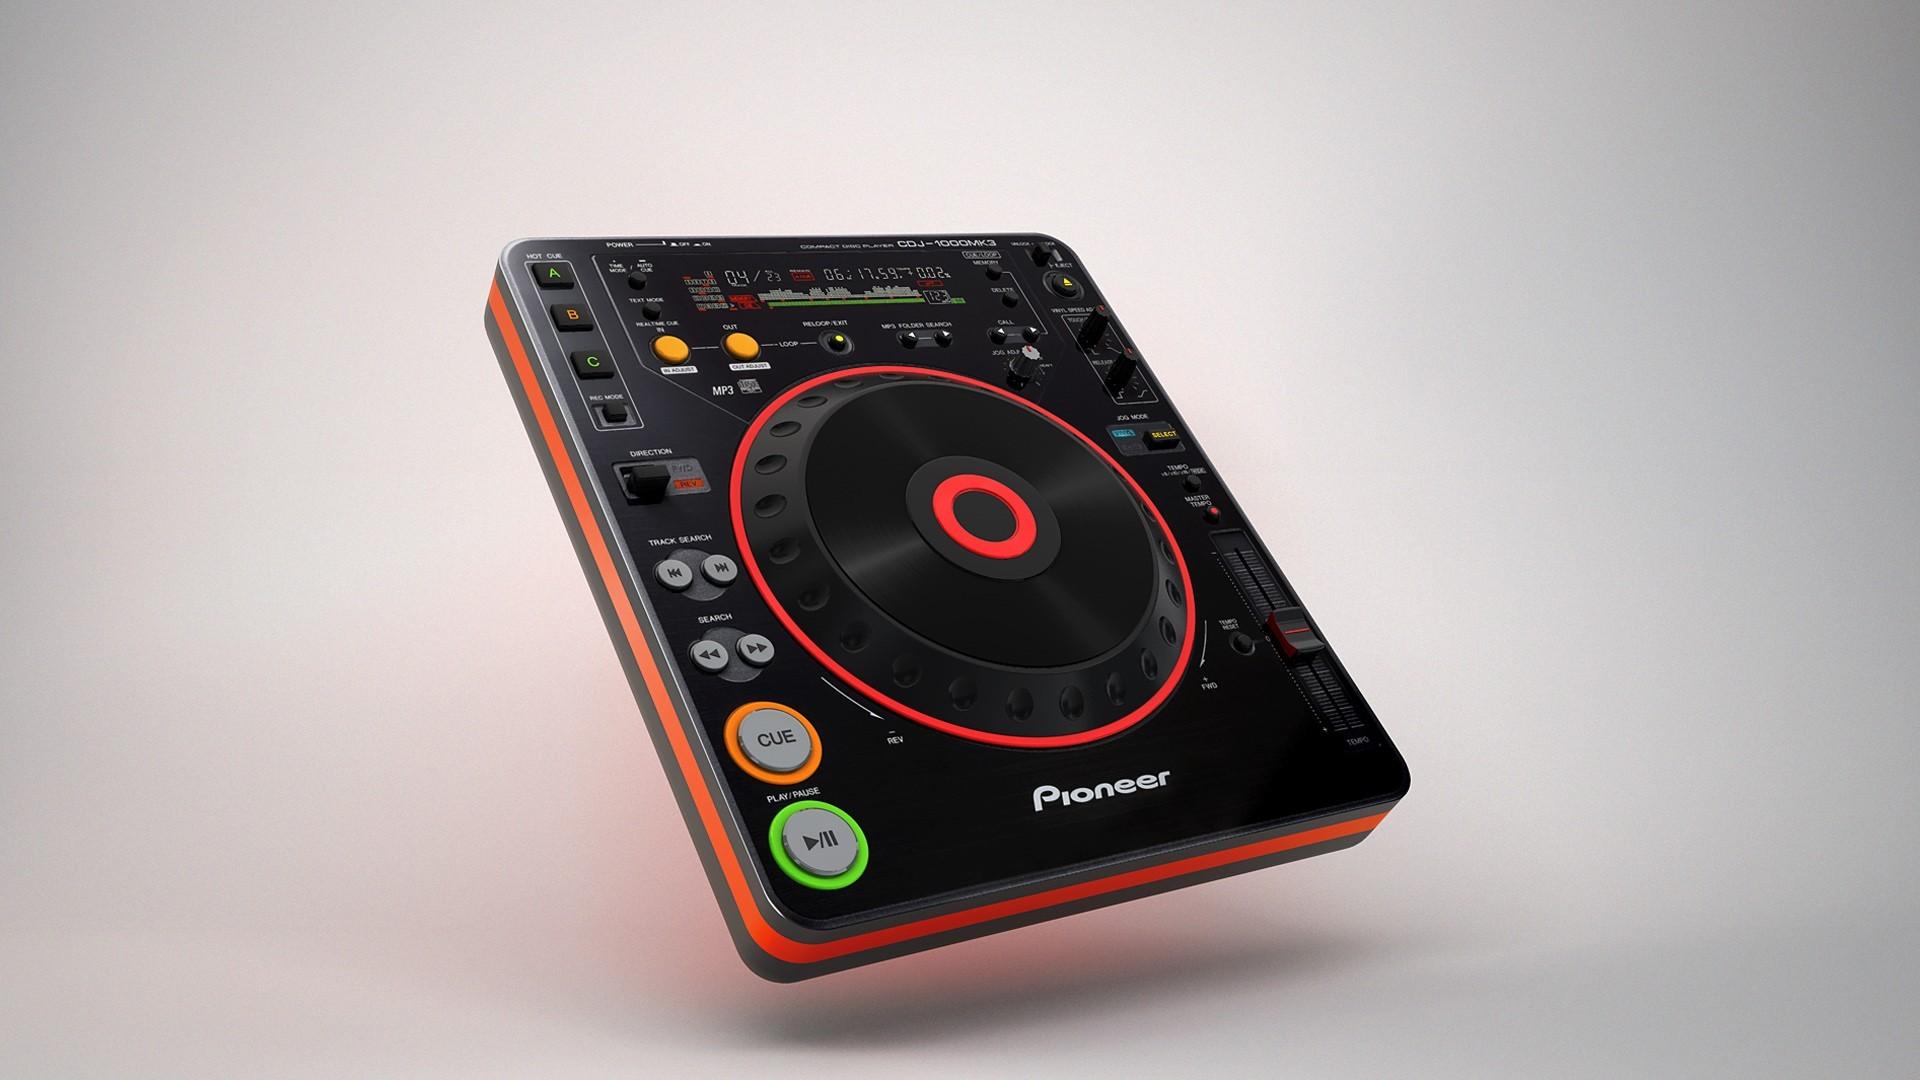 The Below Image is download Pioneer DJ Wallpaper 1920x1080